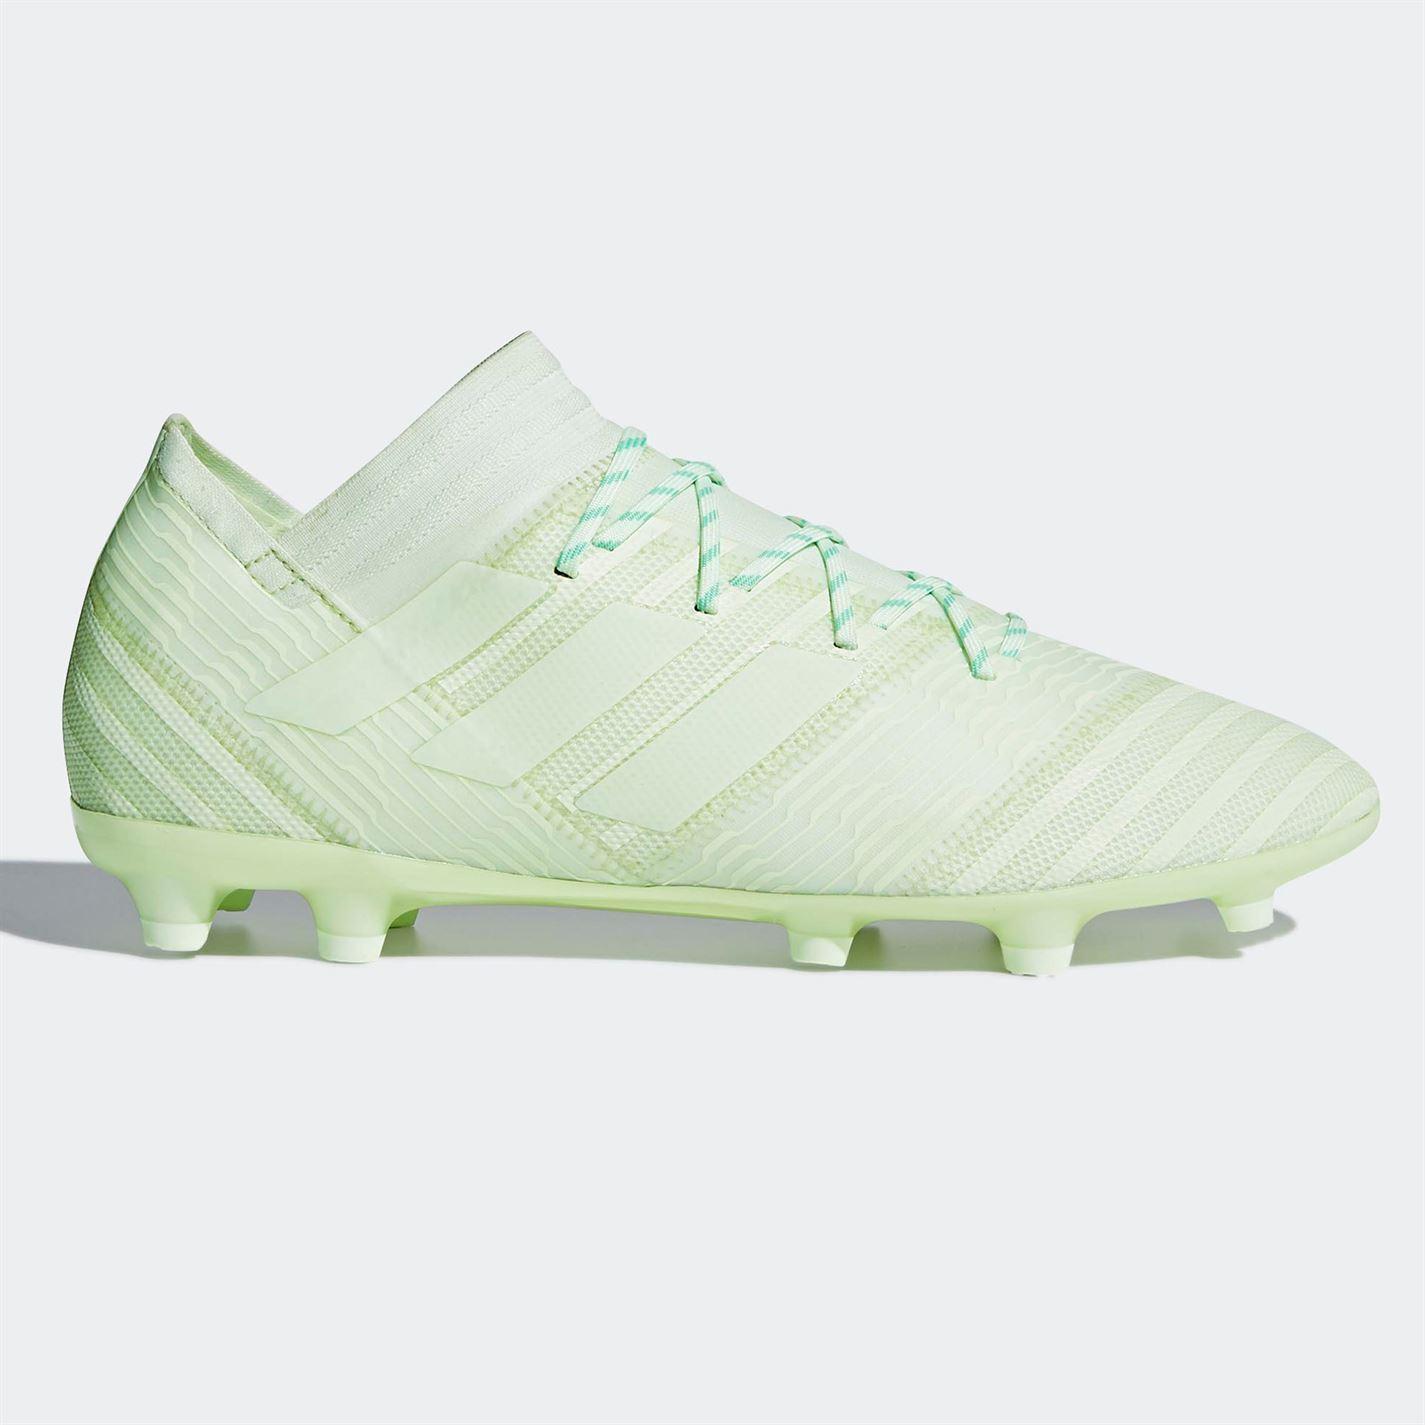 1aa8b562a9d2 adidas Nemeziz 17.2 FG Firm Ground Football Boots Mens Green Soccer Shoes  Cleats